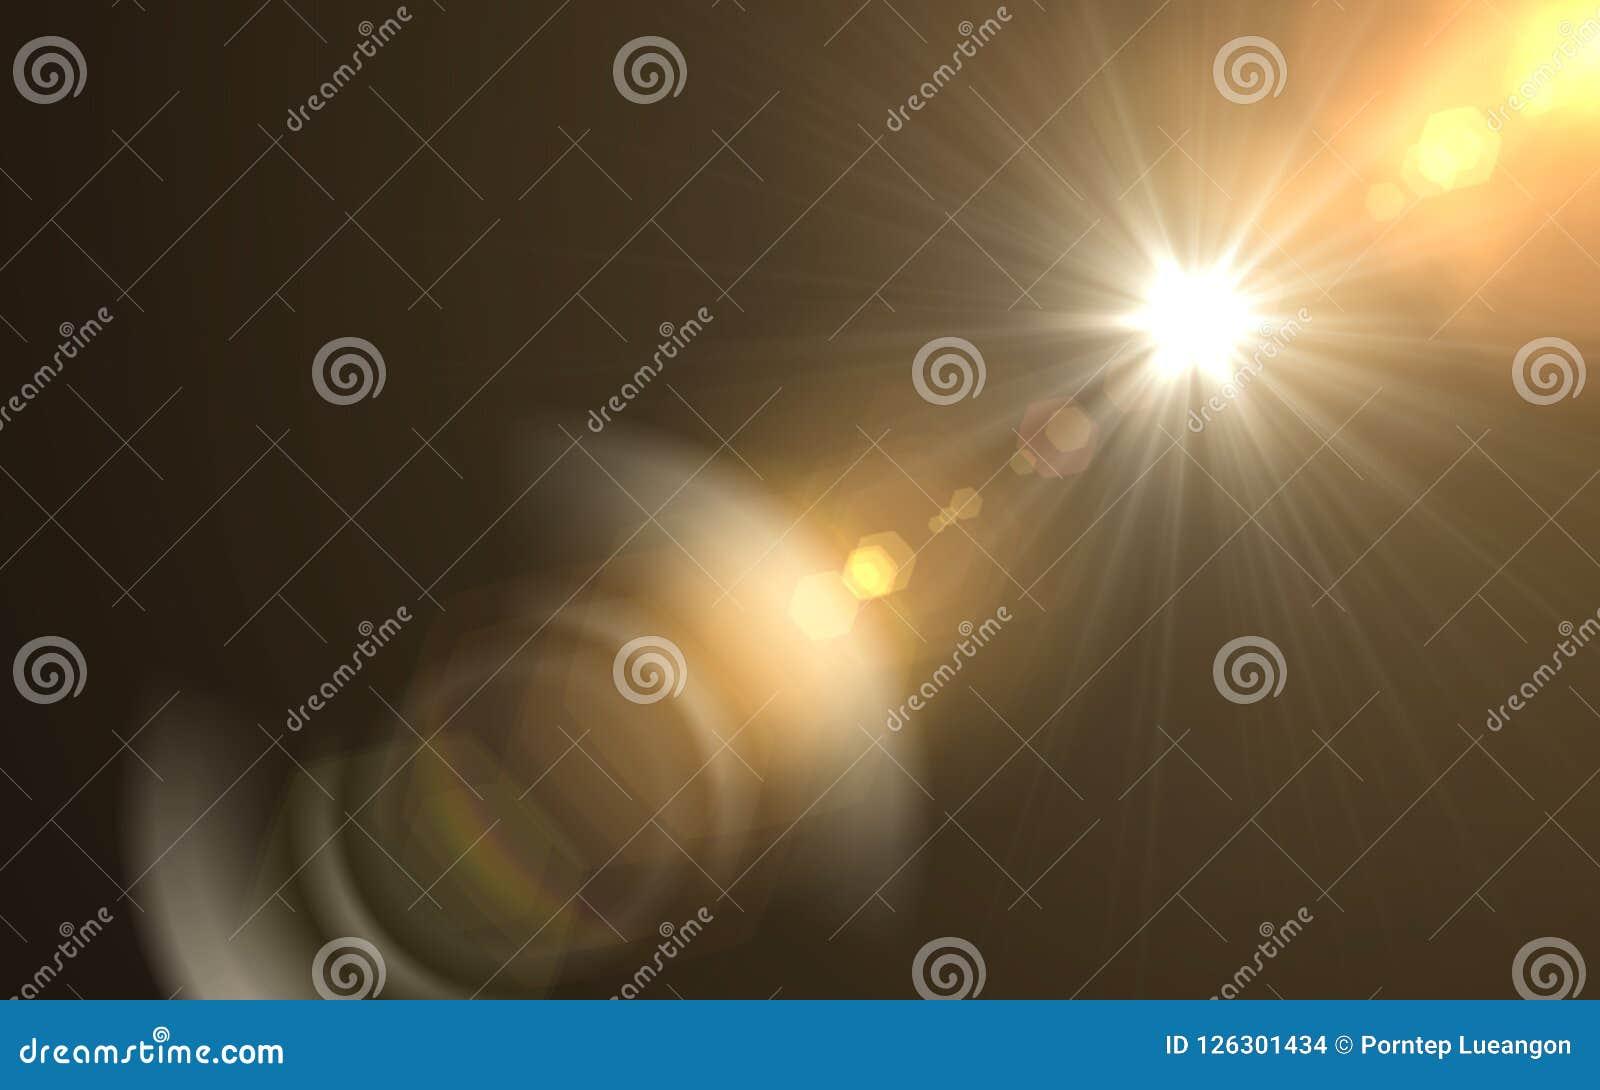 Esplosione solare astratta con il fondo digitale del chiarore della lente La lente digitale astratta si svasa effetti della luce